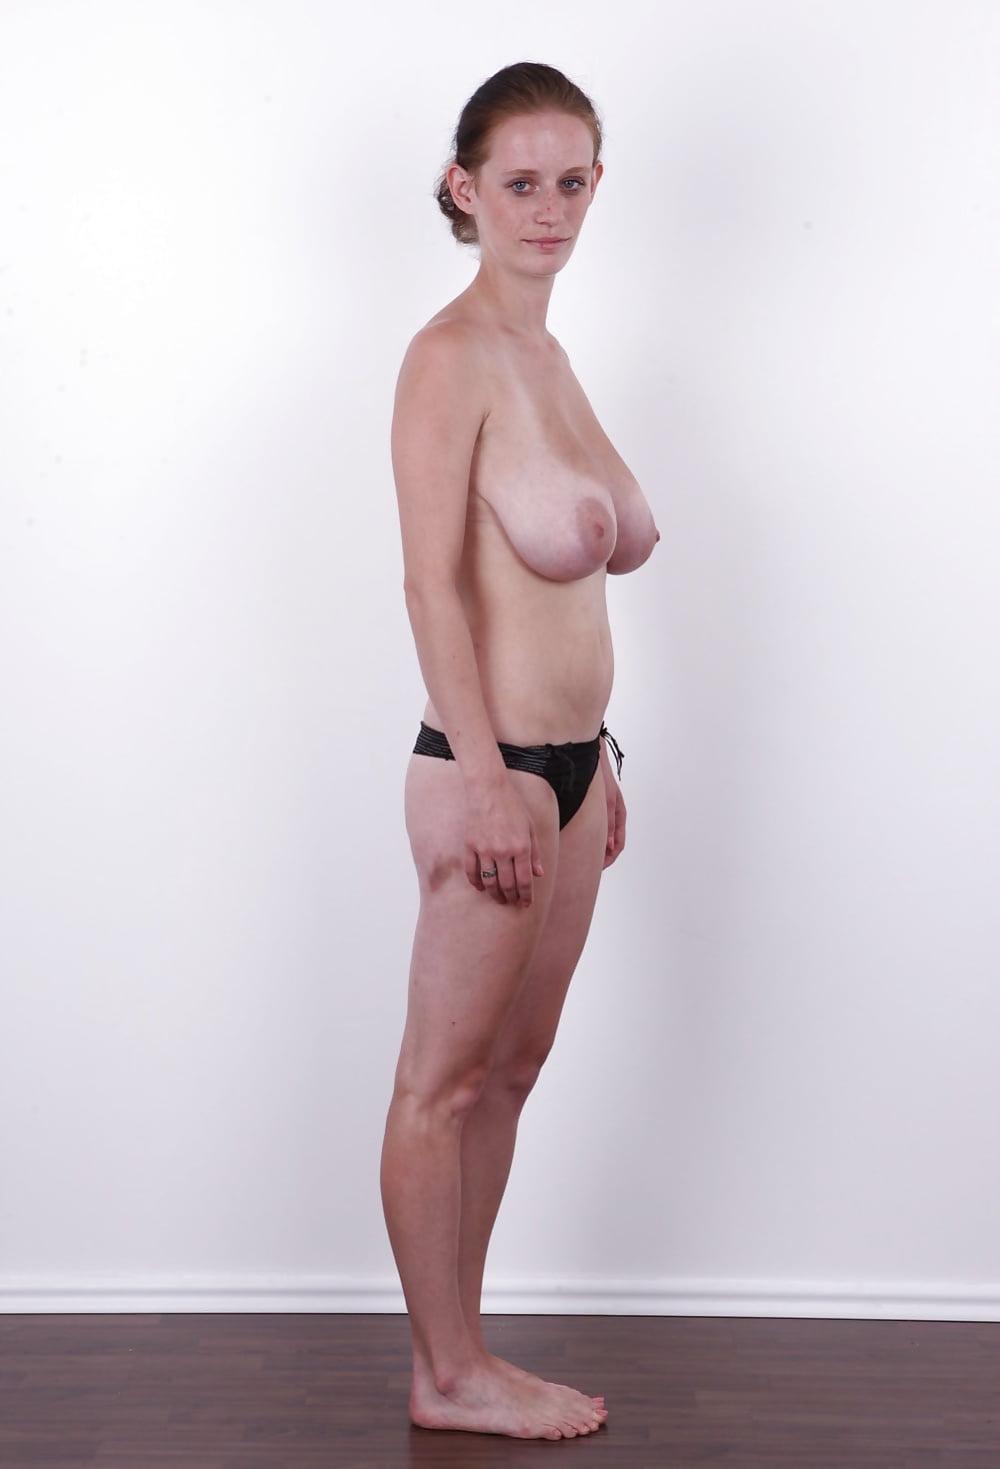 ног женщина кастинг с висячими сиськами скрывают практически только